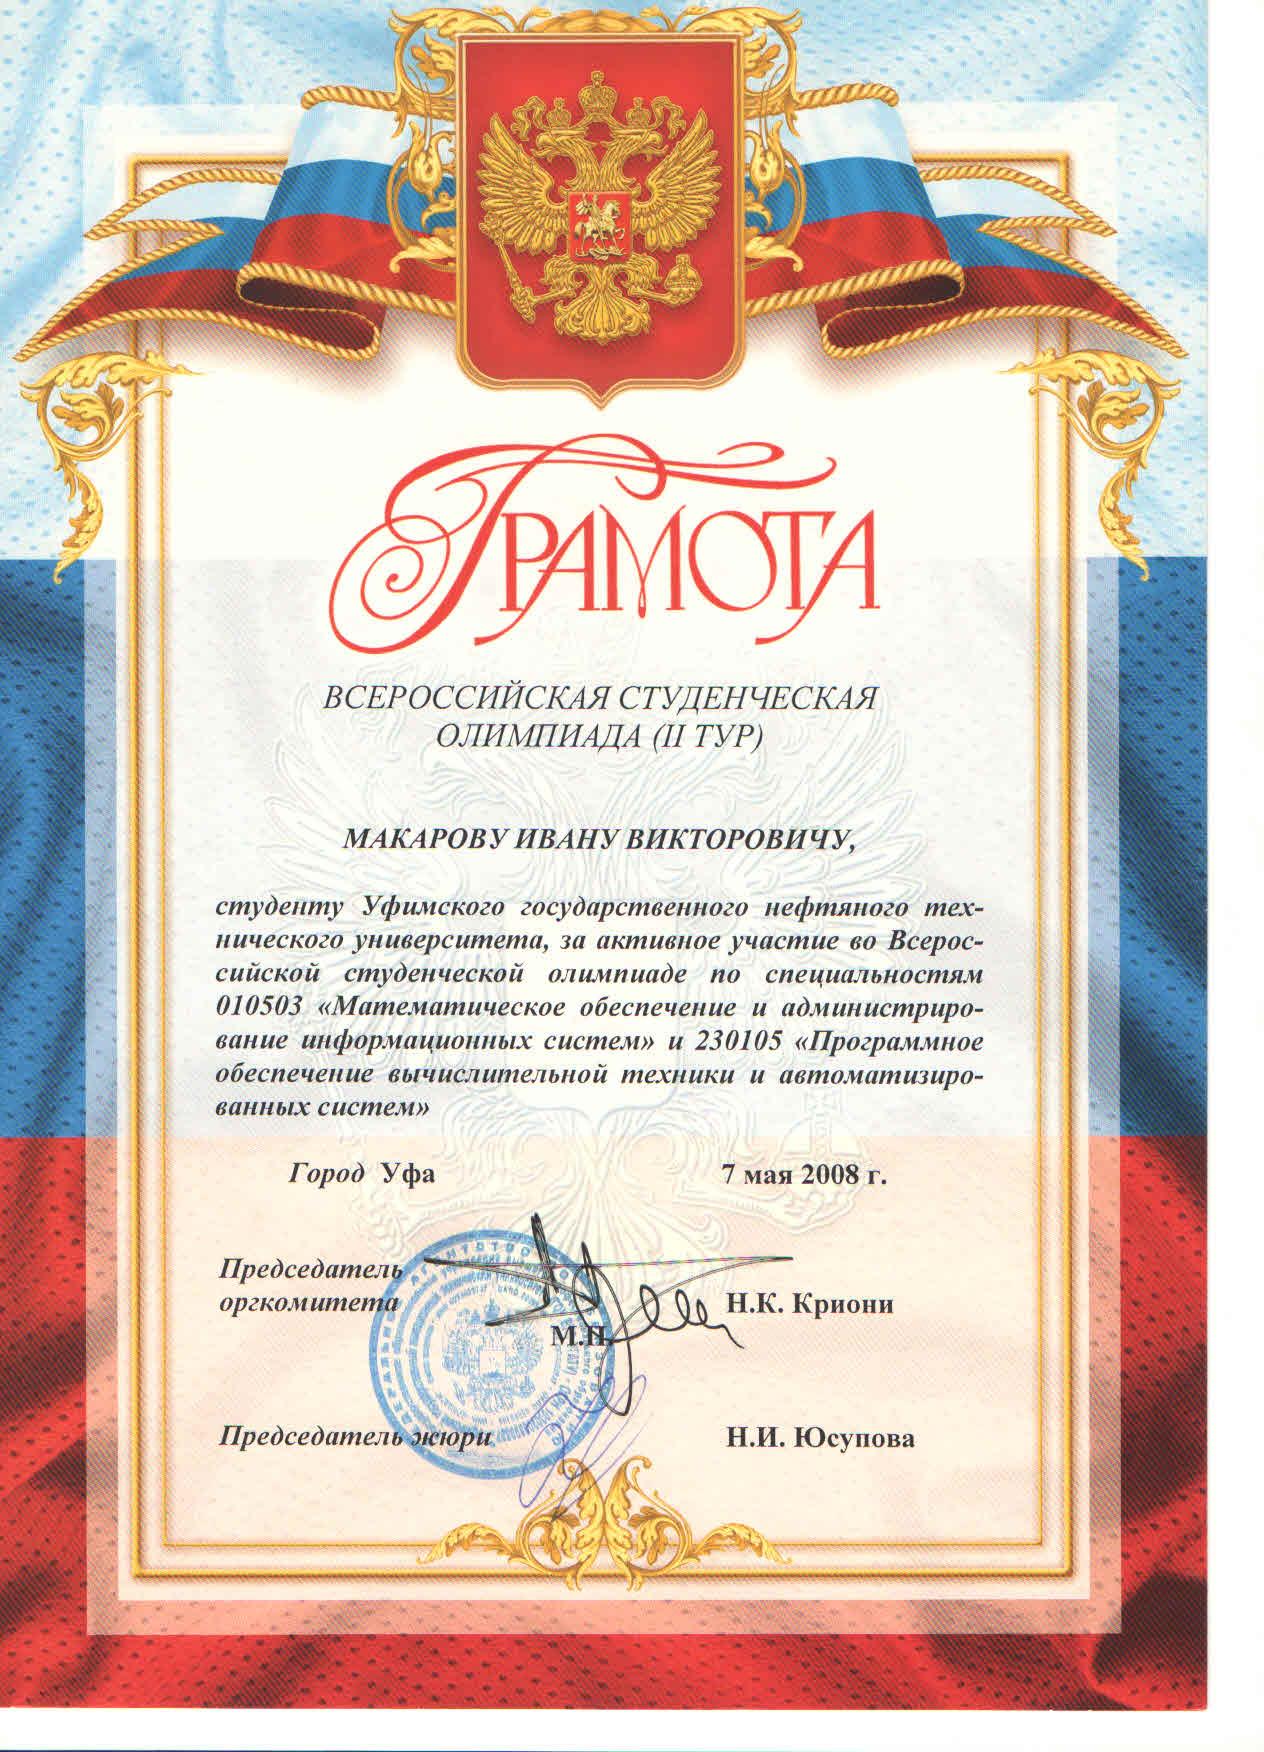 Макаров, #кафедравтик, #ВТИК, #ФАПП, #УГНТУ, #USPTU